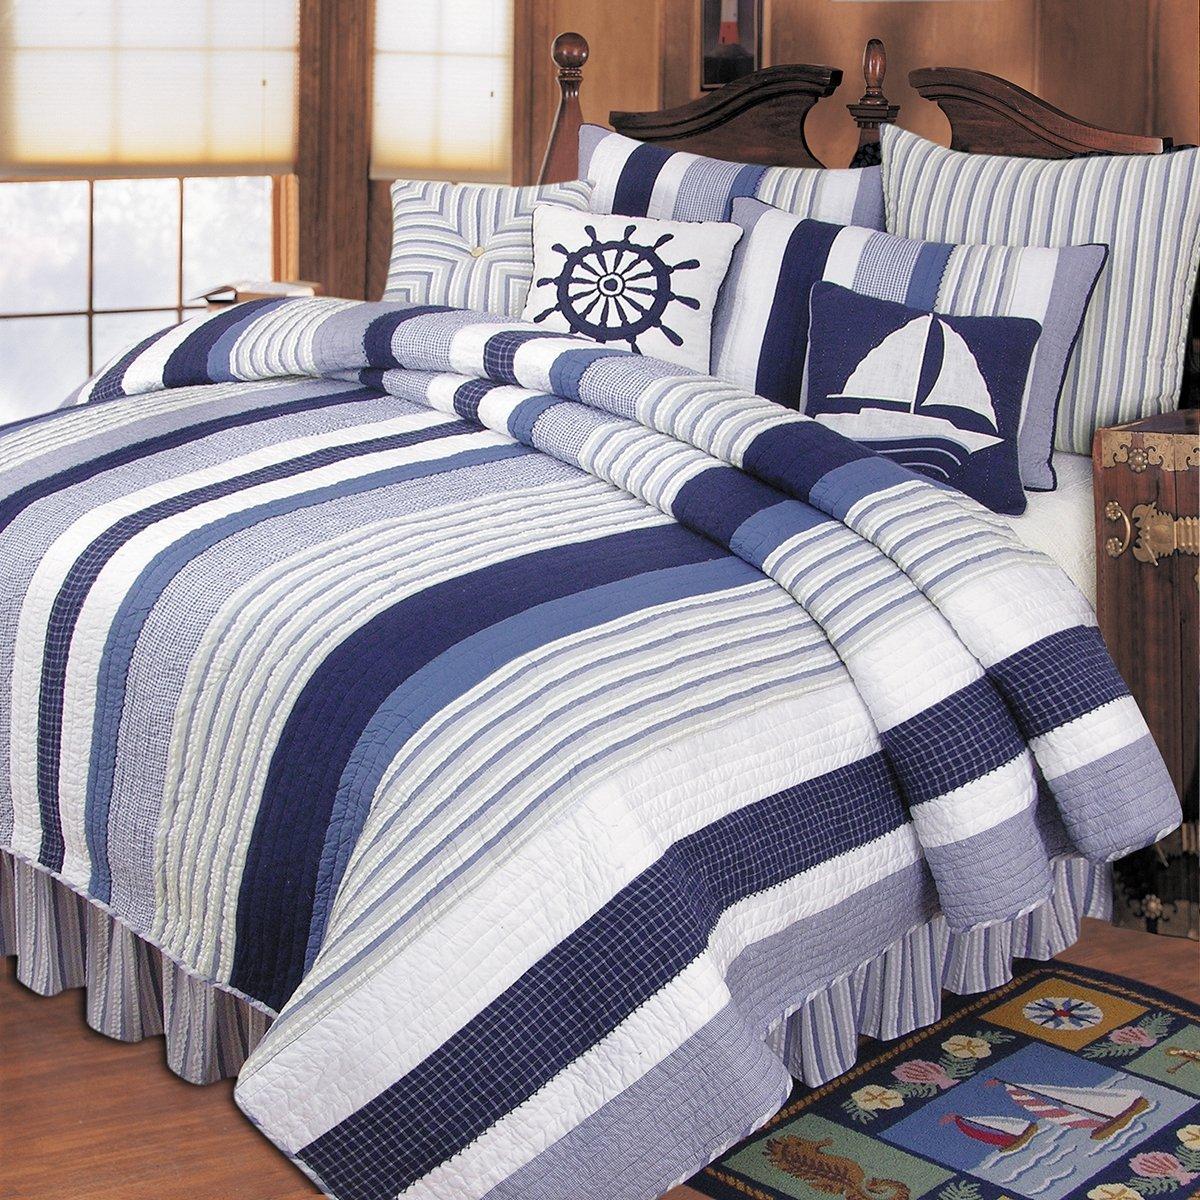 Nantucket Dream Quilt Collection, Full/Queen Quilt